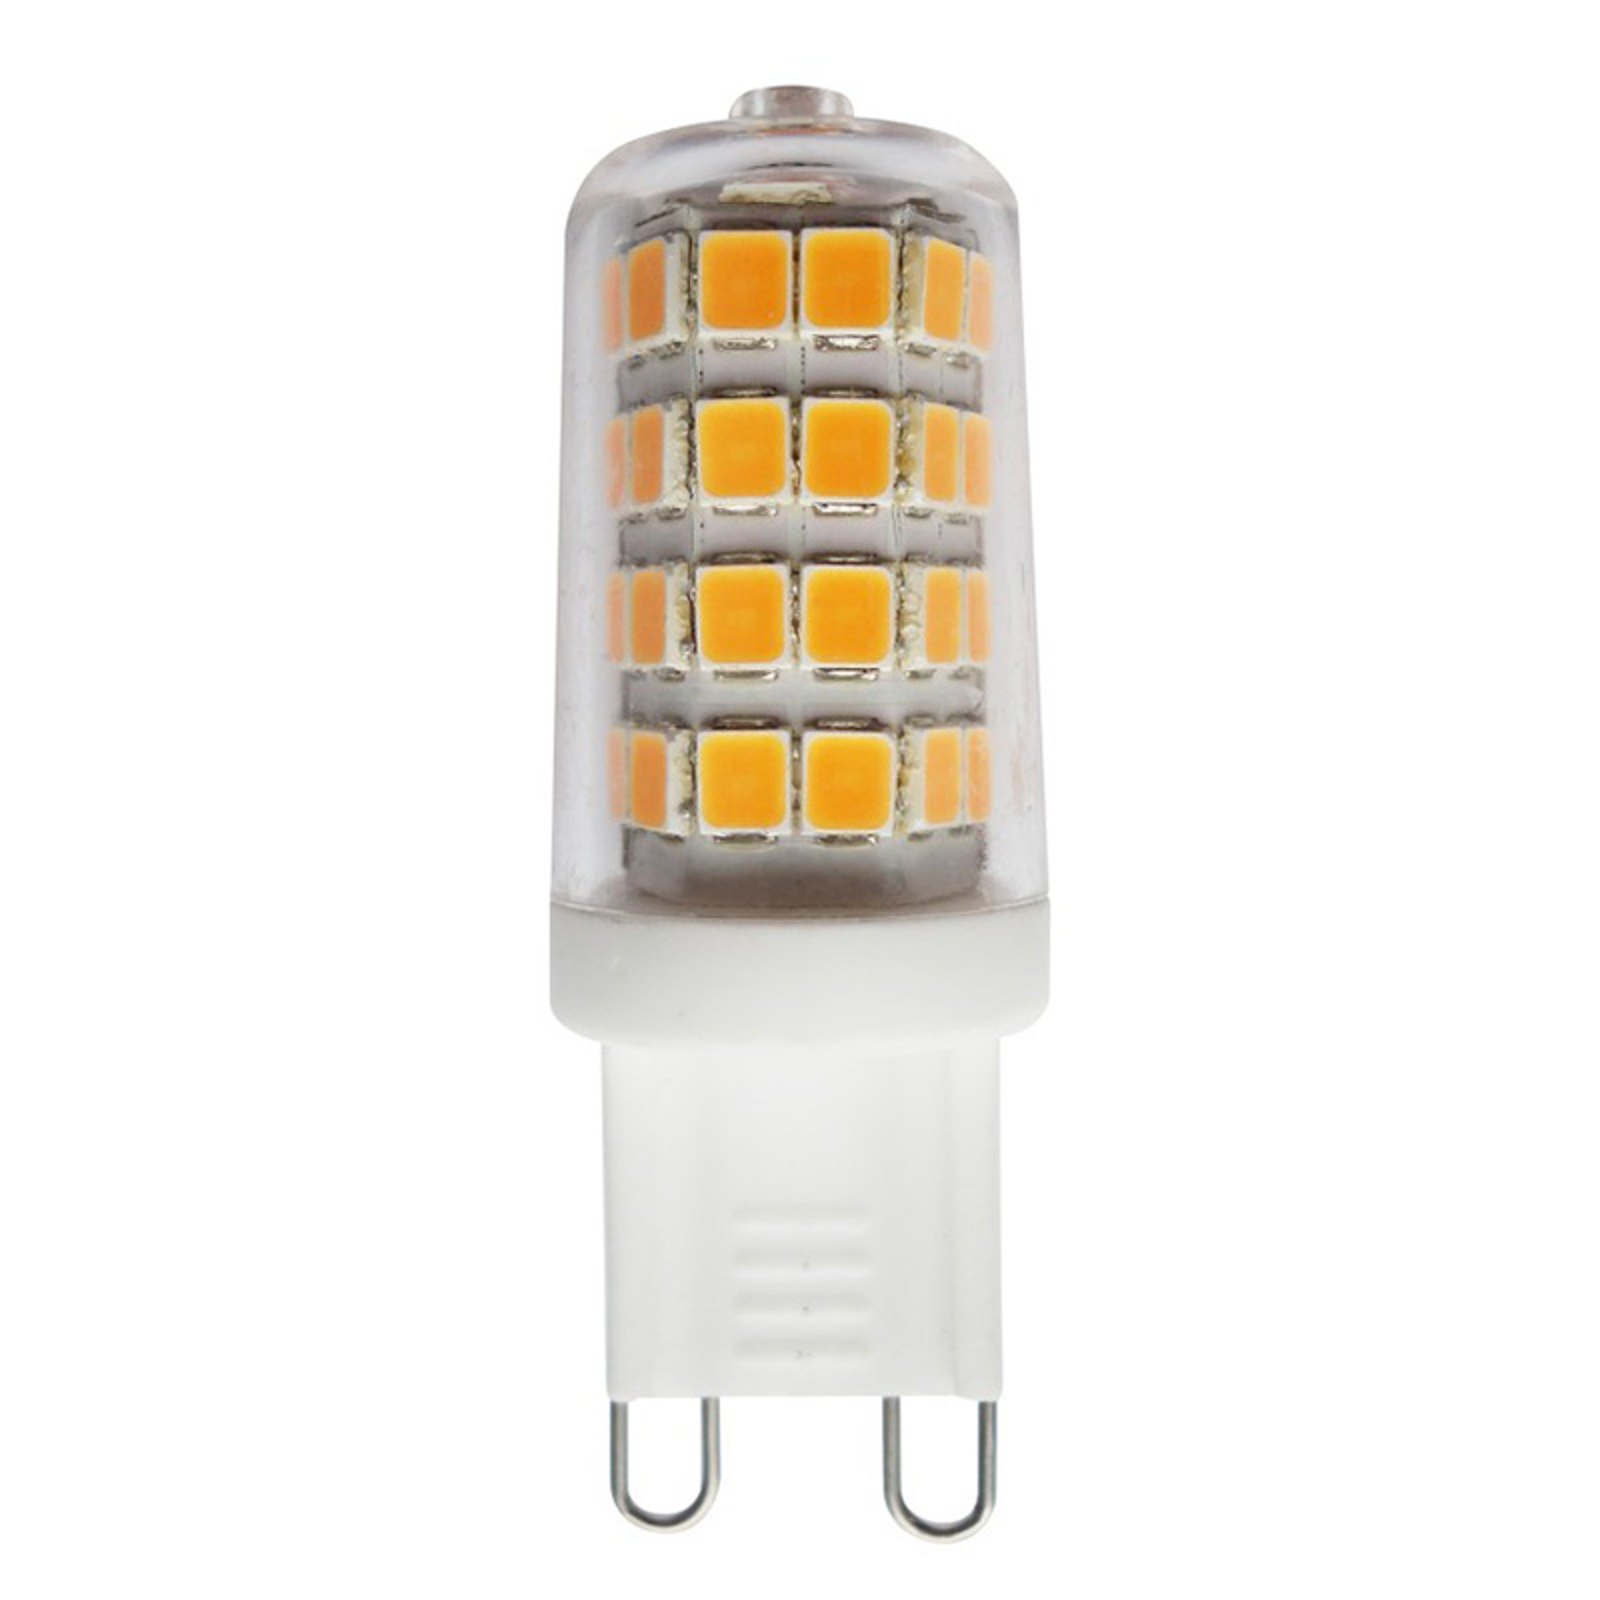 Ampoule à broche LED G9 3W 2700K transparent